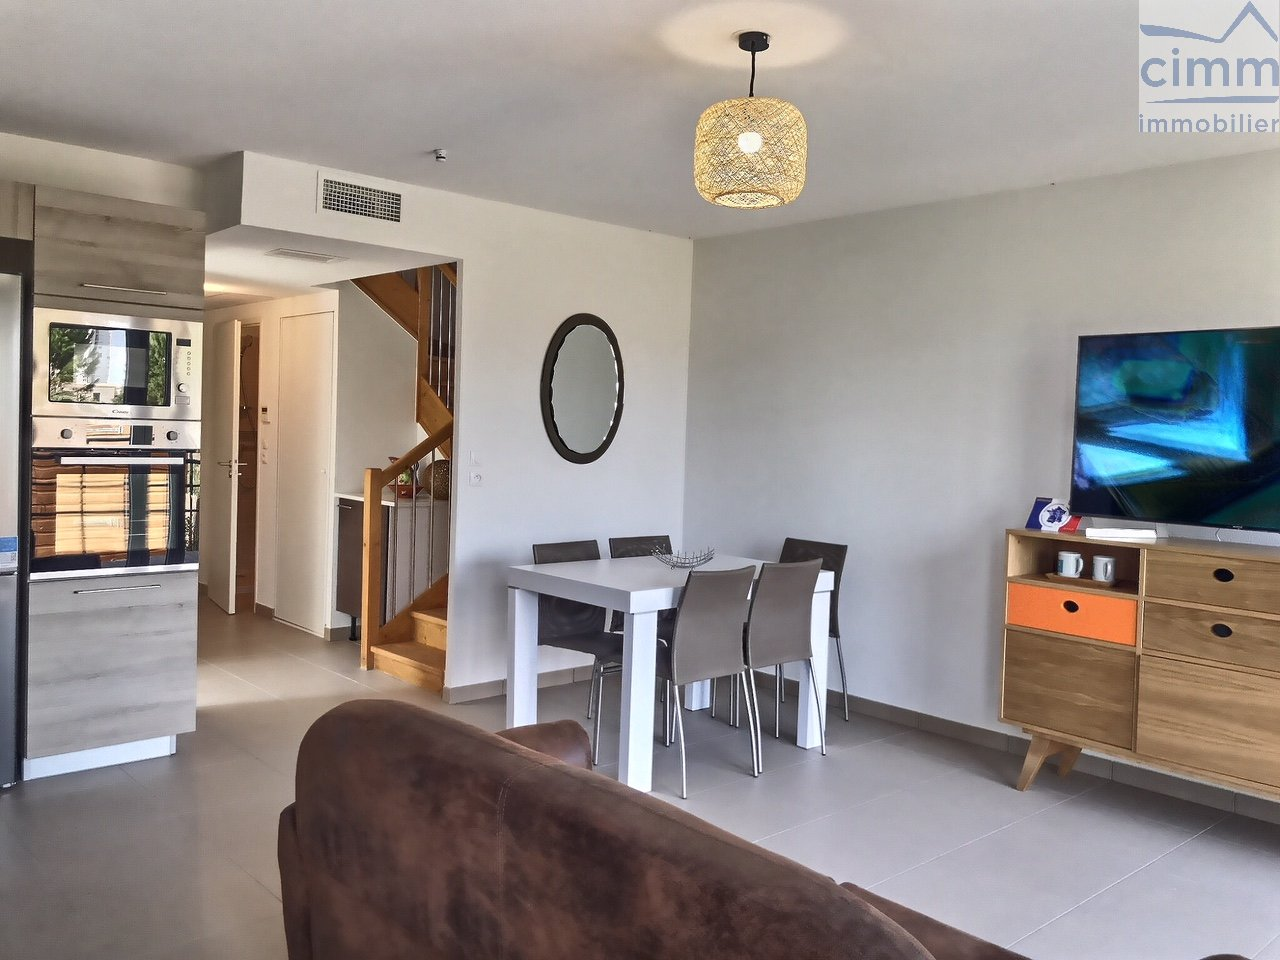 IMMOPLAGE VALRAS-PLAGE, agence immobilière, vente, location et location vacances appartement et maison entre Agde/Sete et Narbonne, proche Béziers - Pavillon - SERIGNAN - Location Vacances - 95m²